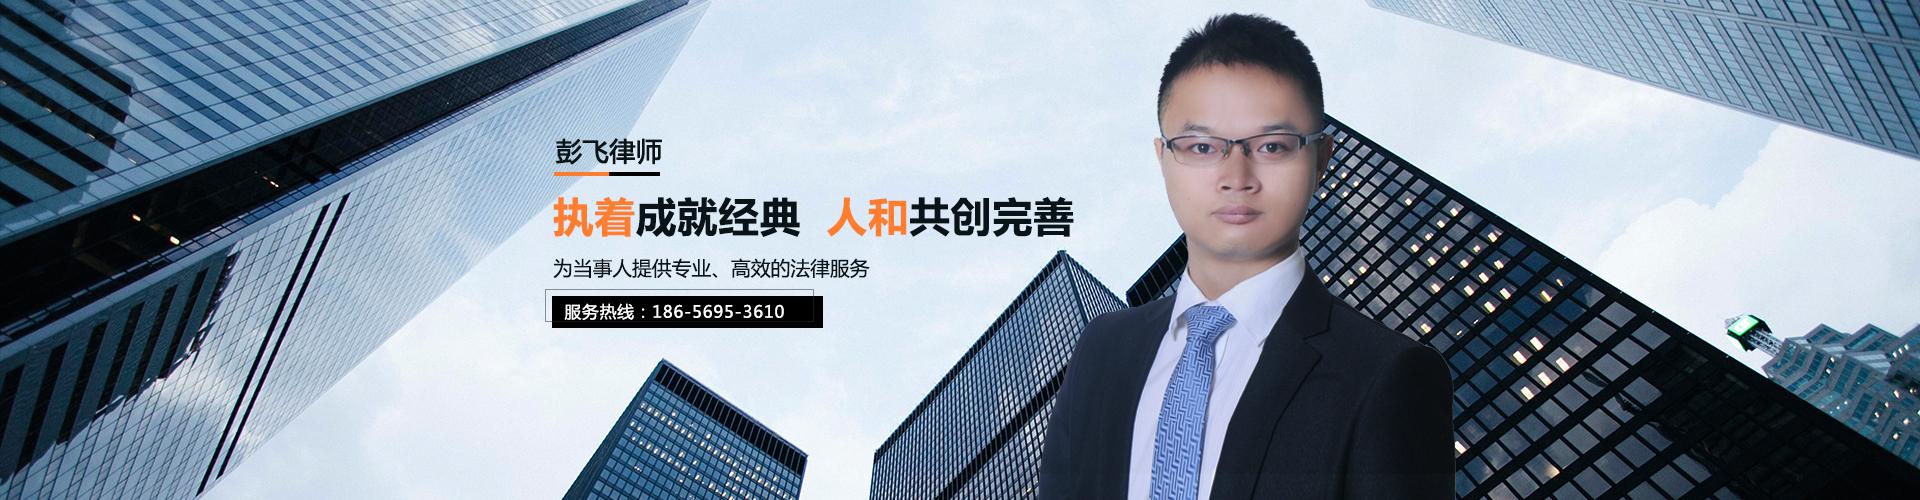 安徽彭飞律师